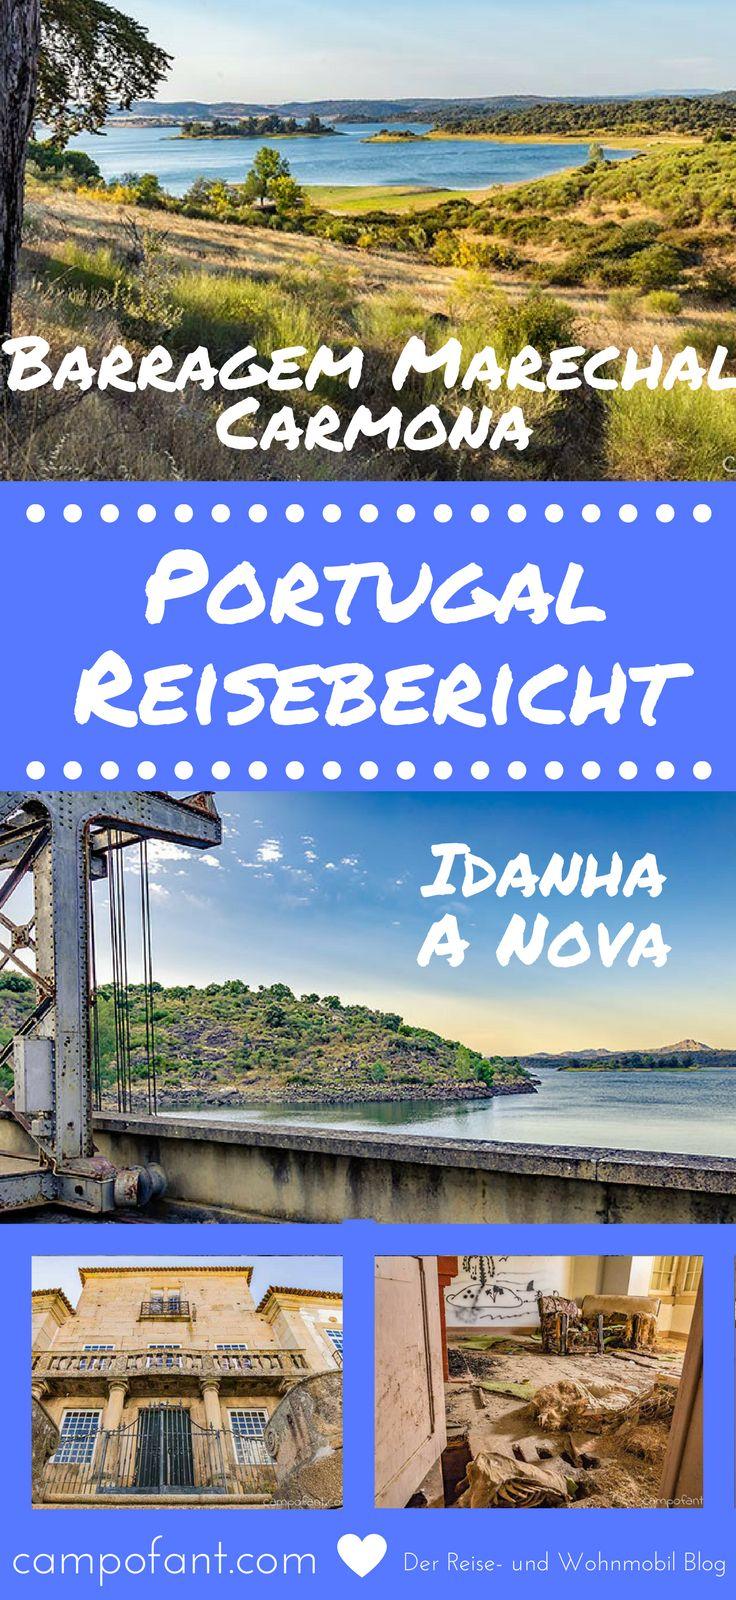 Ein Portugal Reisebericht. Wir verbringen längere Zeit am Barragem Marechal Carmona. Von dort aus starten wir mehrere Foto-Touren nach Idanha Nova und einem Lost Place in der Nähe.  Lass dich mit diesem Reisebericht ins portugiesische Hinterland entführen und entdecke verlassene Orte und romantische Idylle.